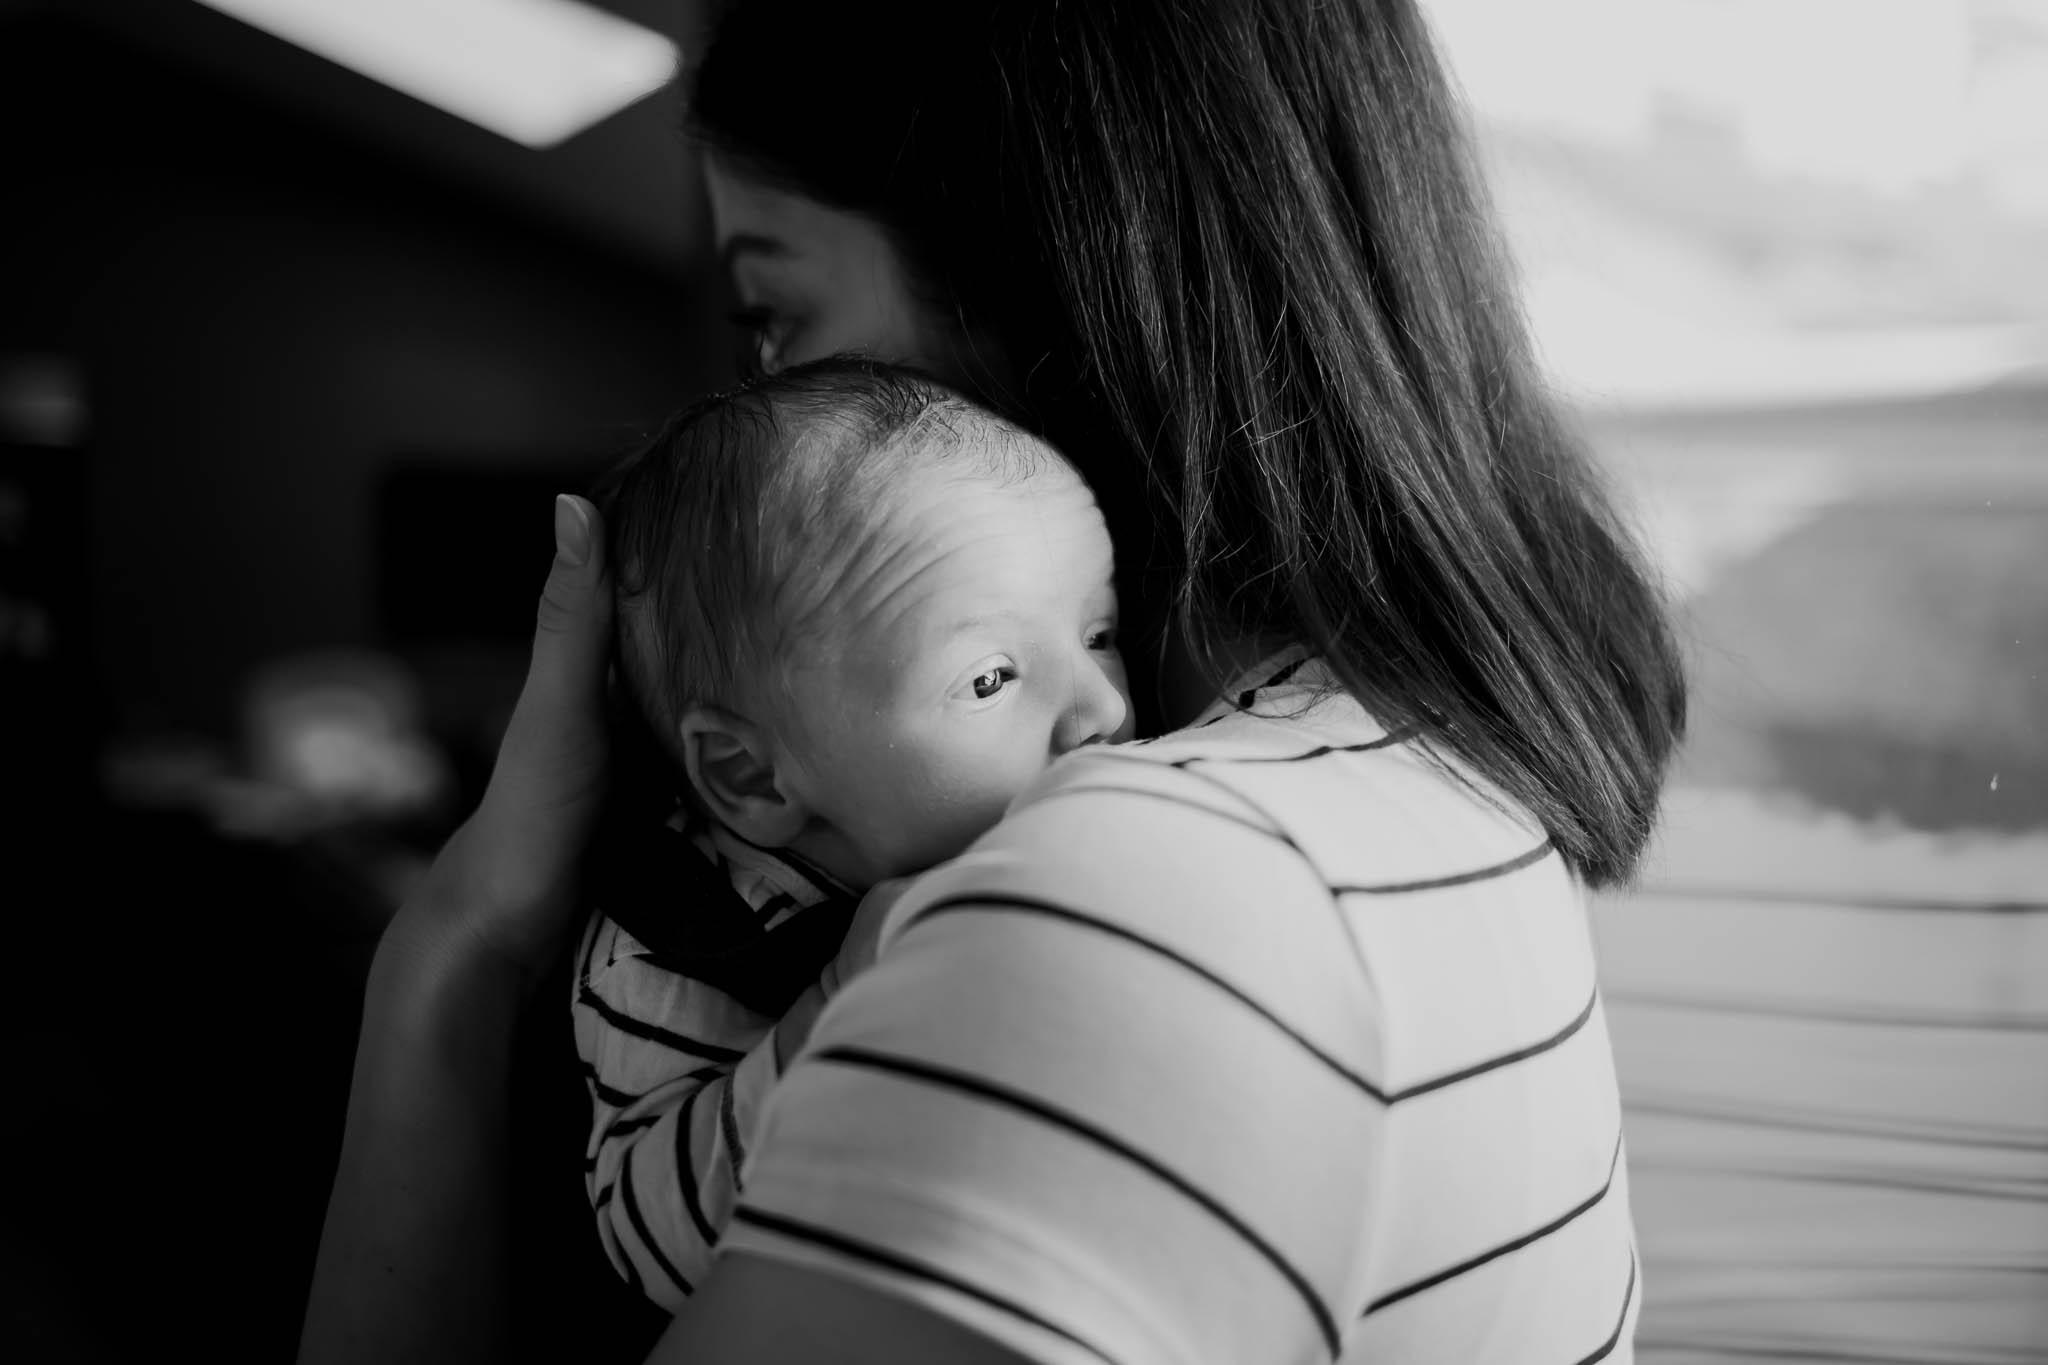 famille-bebe-loire-ingold-8.jpg